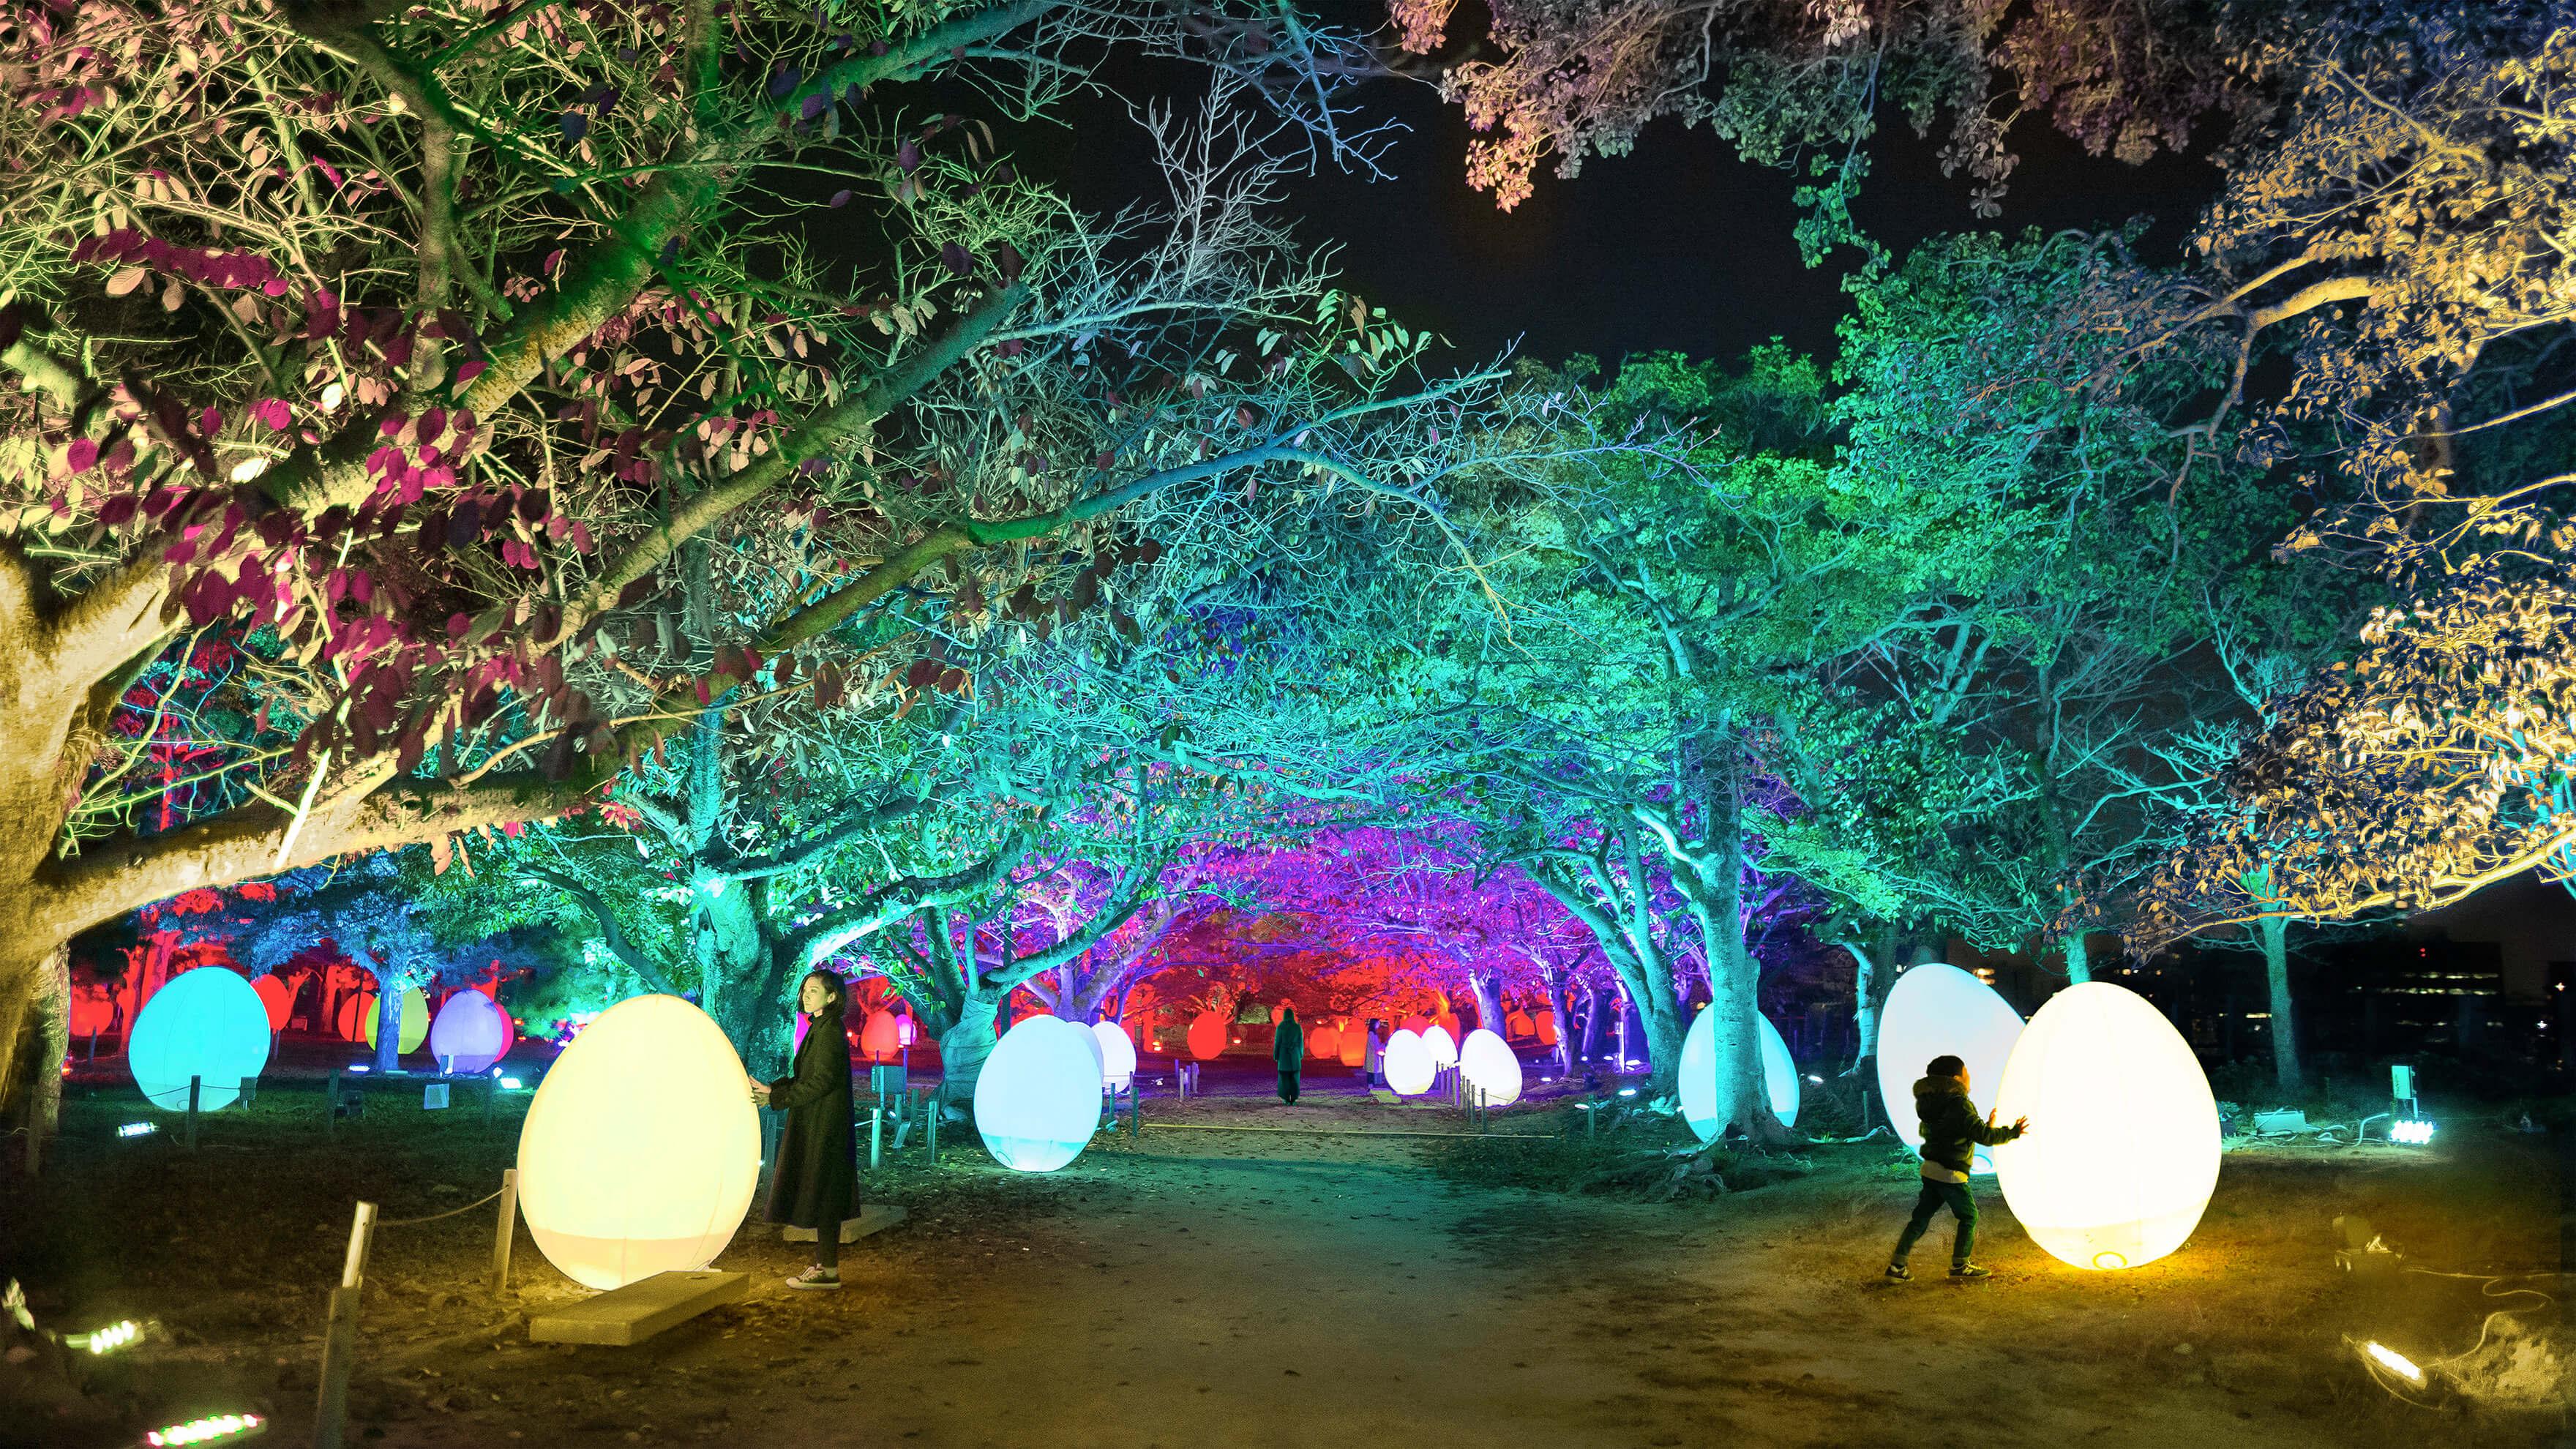 チームラボ 福岡城跡 光の祭 2019-2020 Light Festival in Fukuoka Castle Ruins